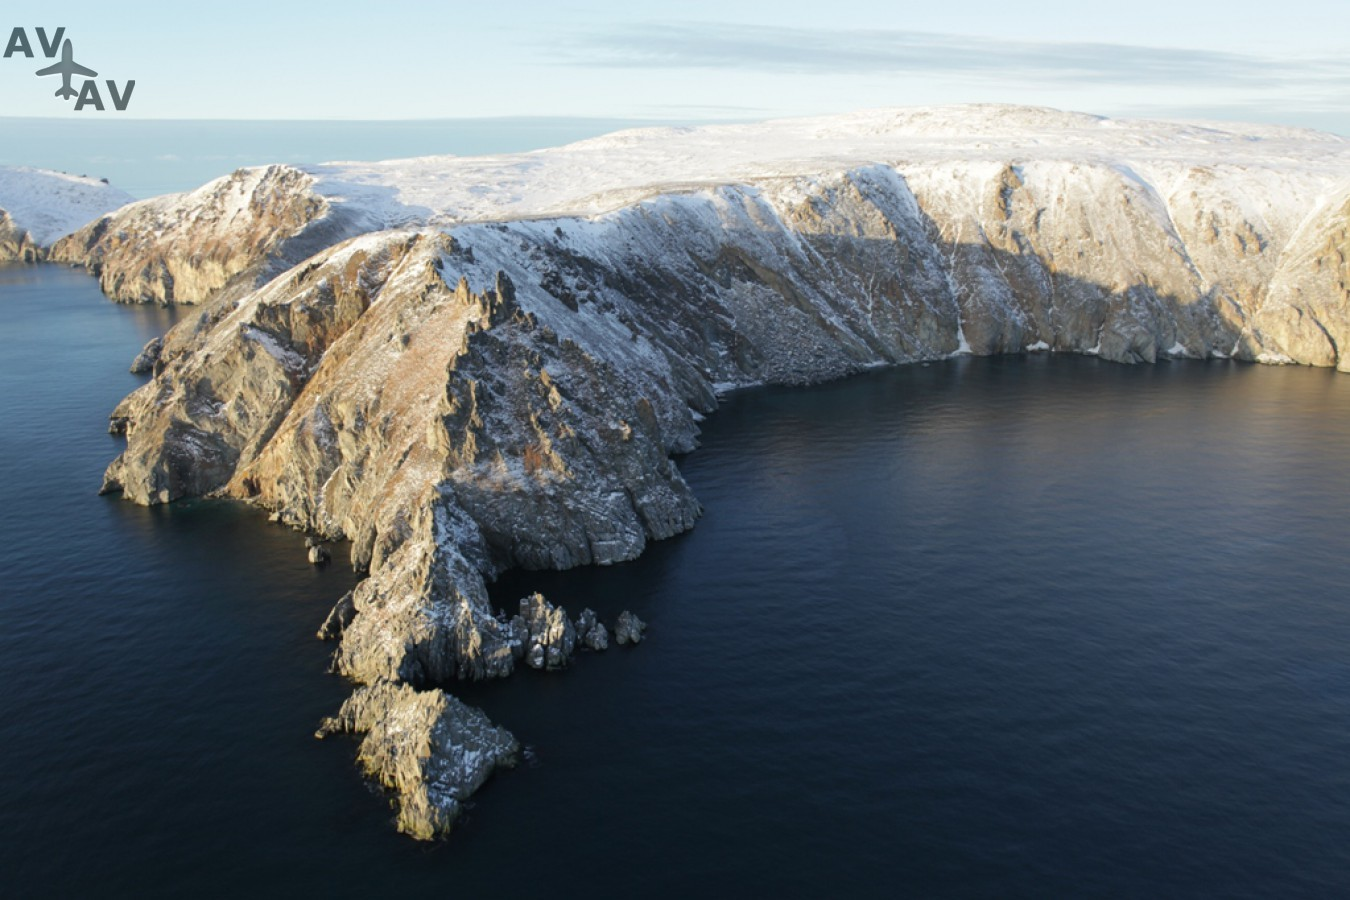 Poseshhenie ostrova Vrangelya - Посещение острова Врангеля